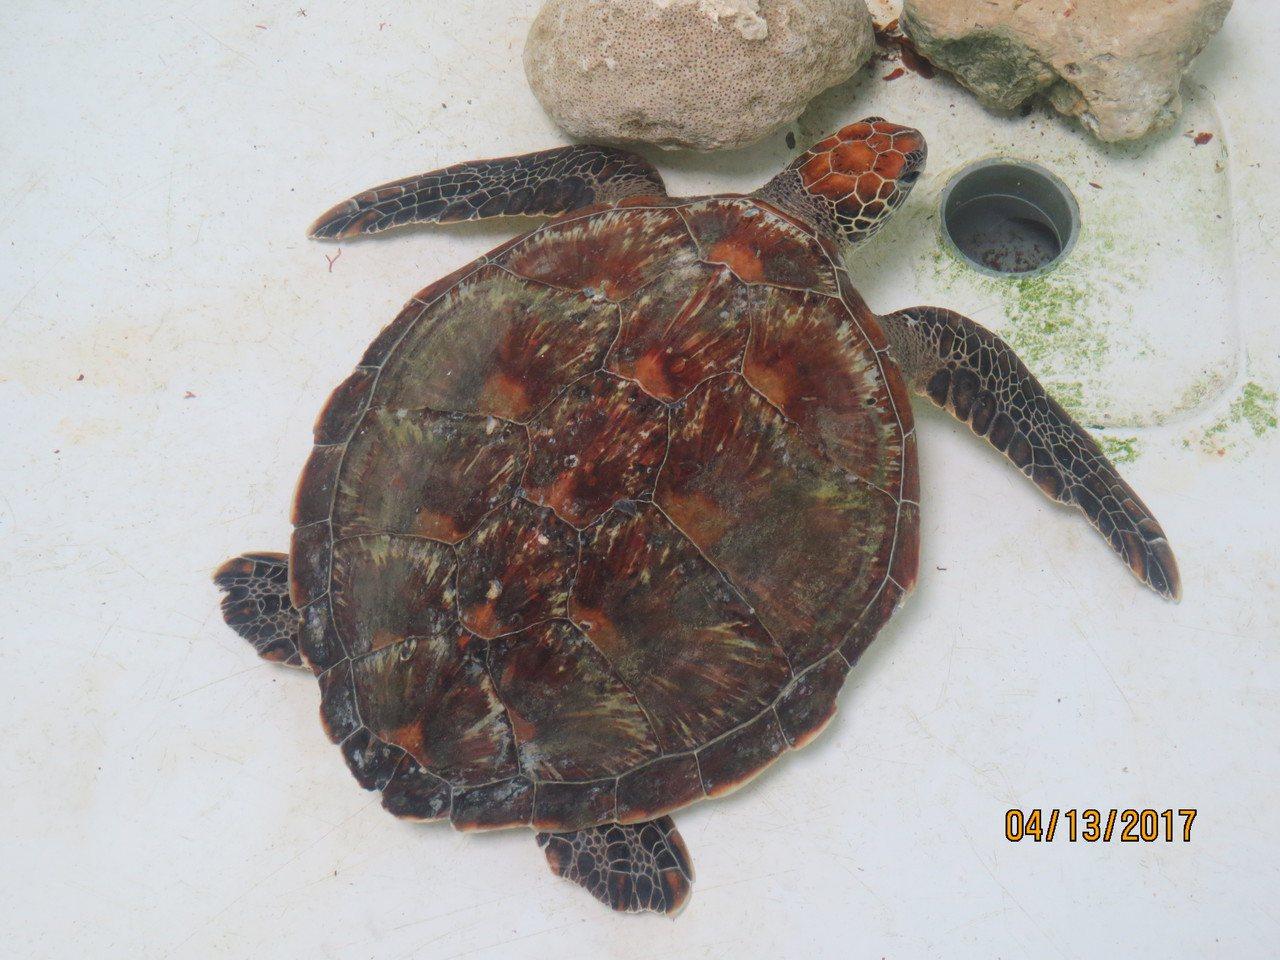 綠蠵龜後送至海生館診治現況。圖/林務局提供